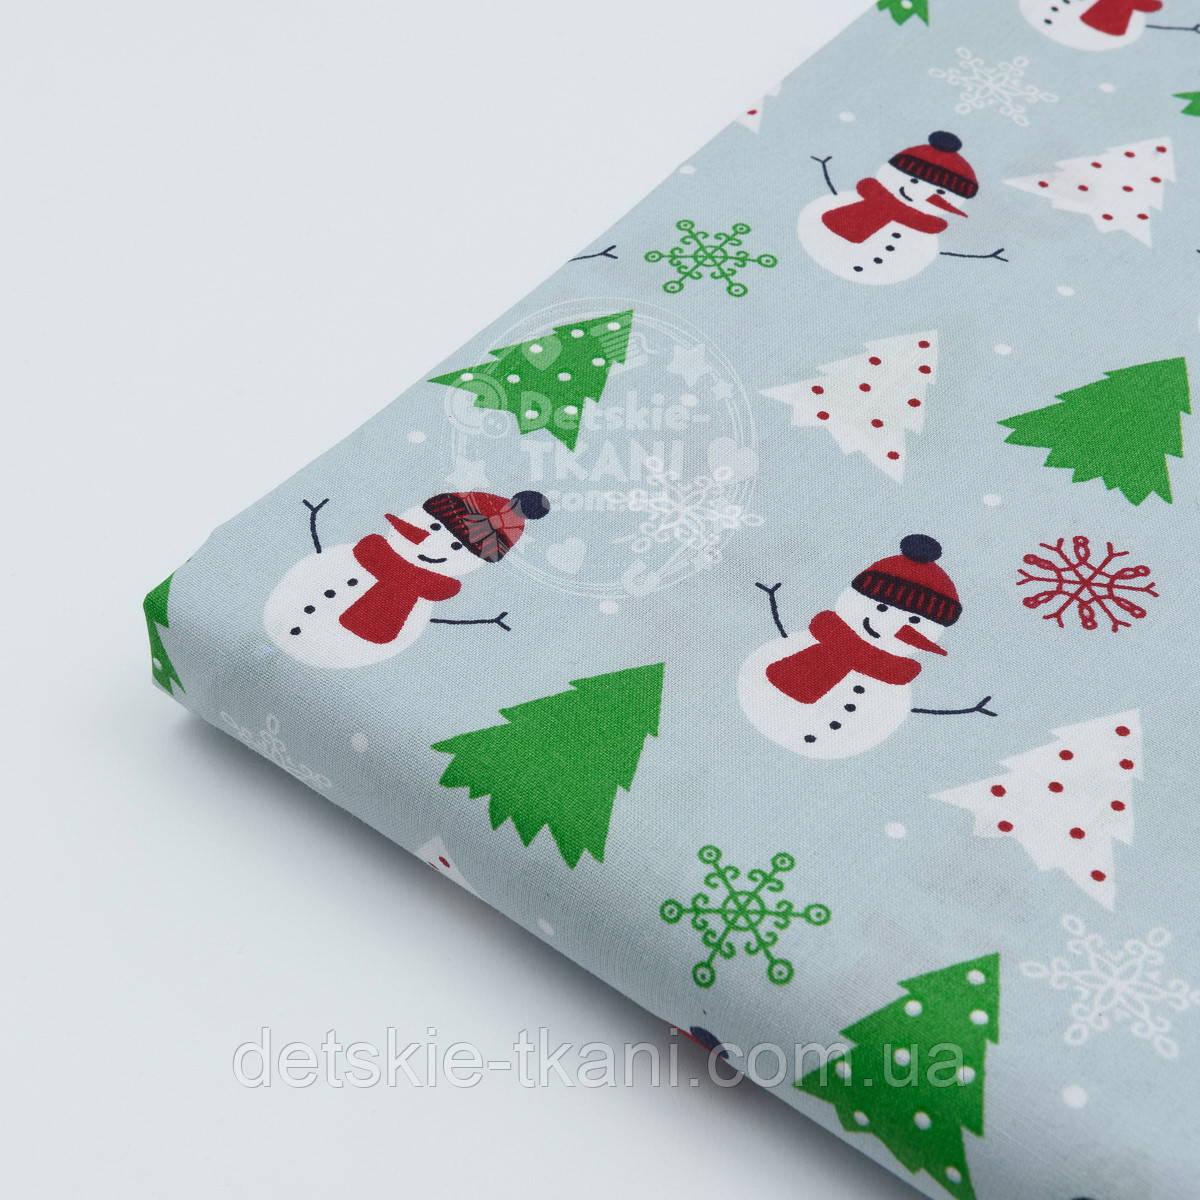 Лоскут ткани №1067а размером 37*75 см